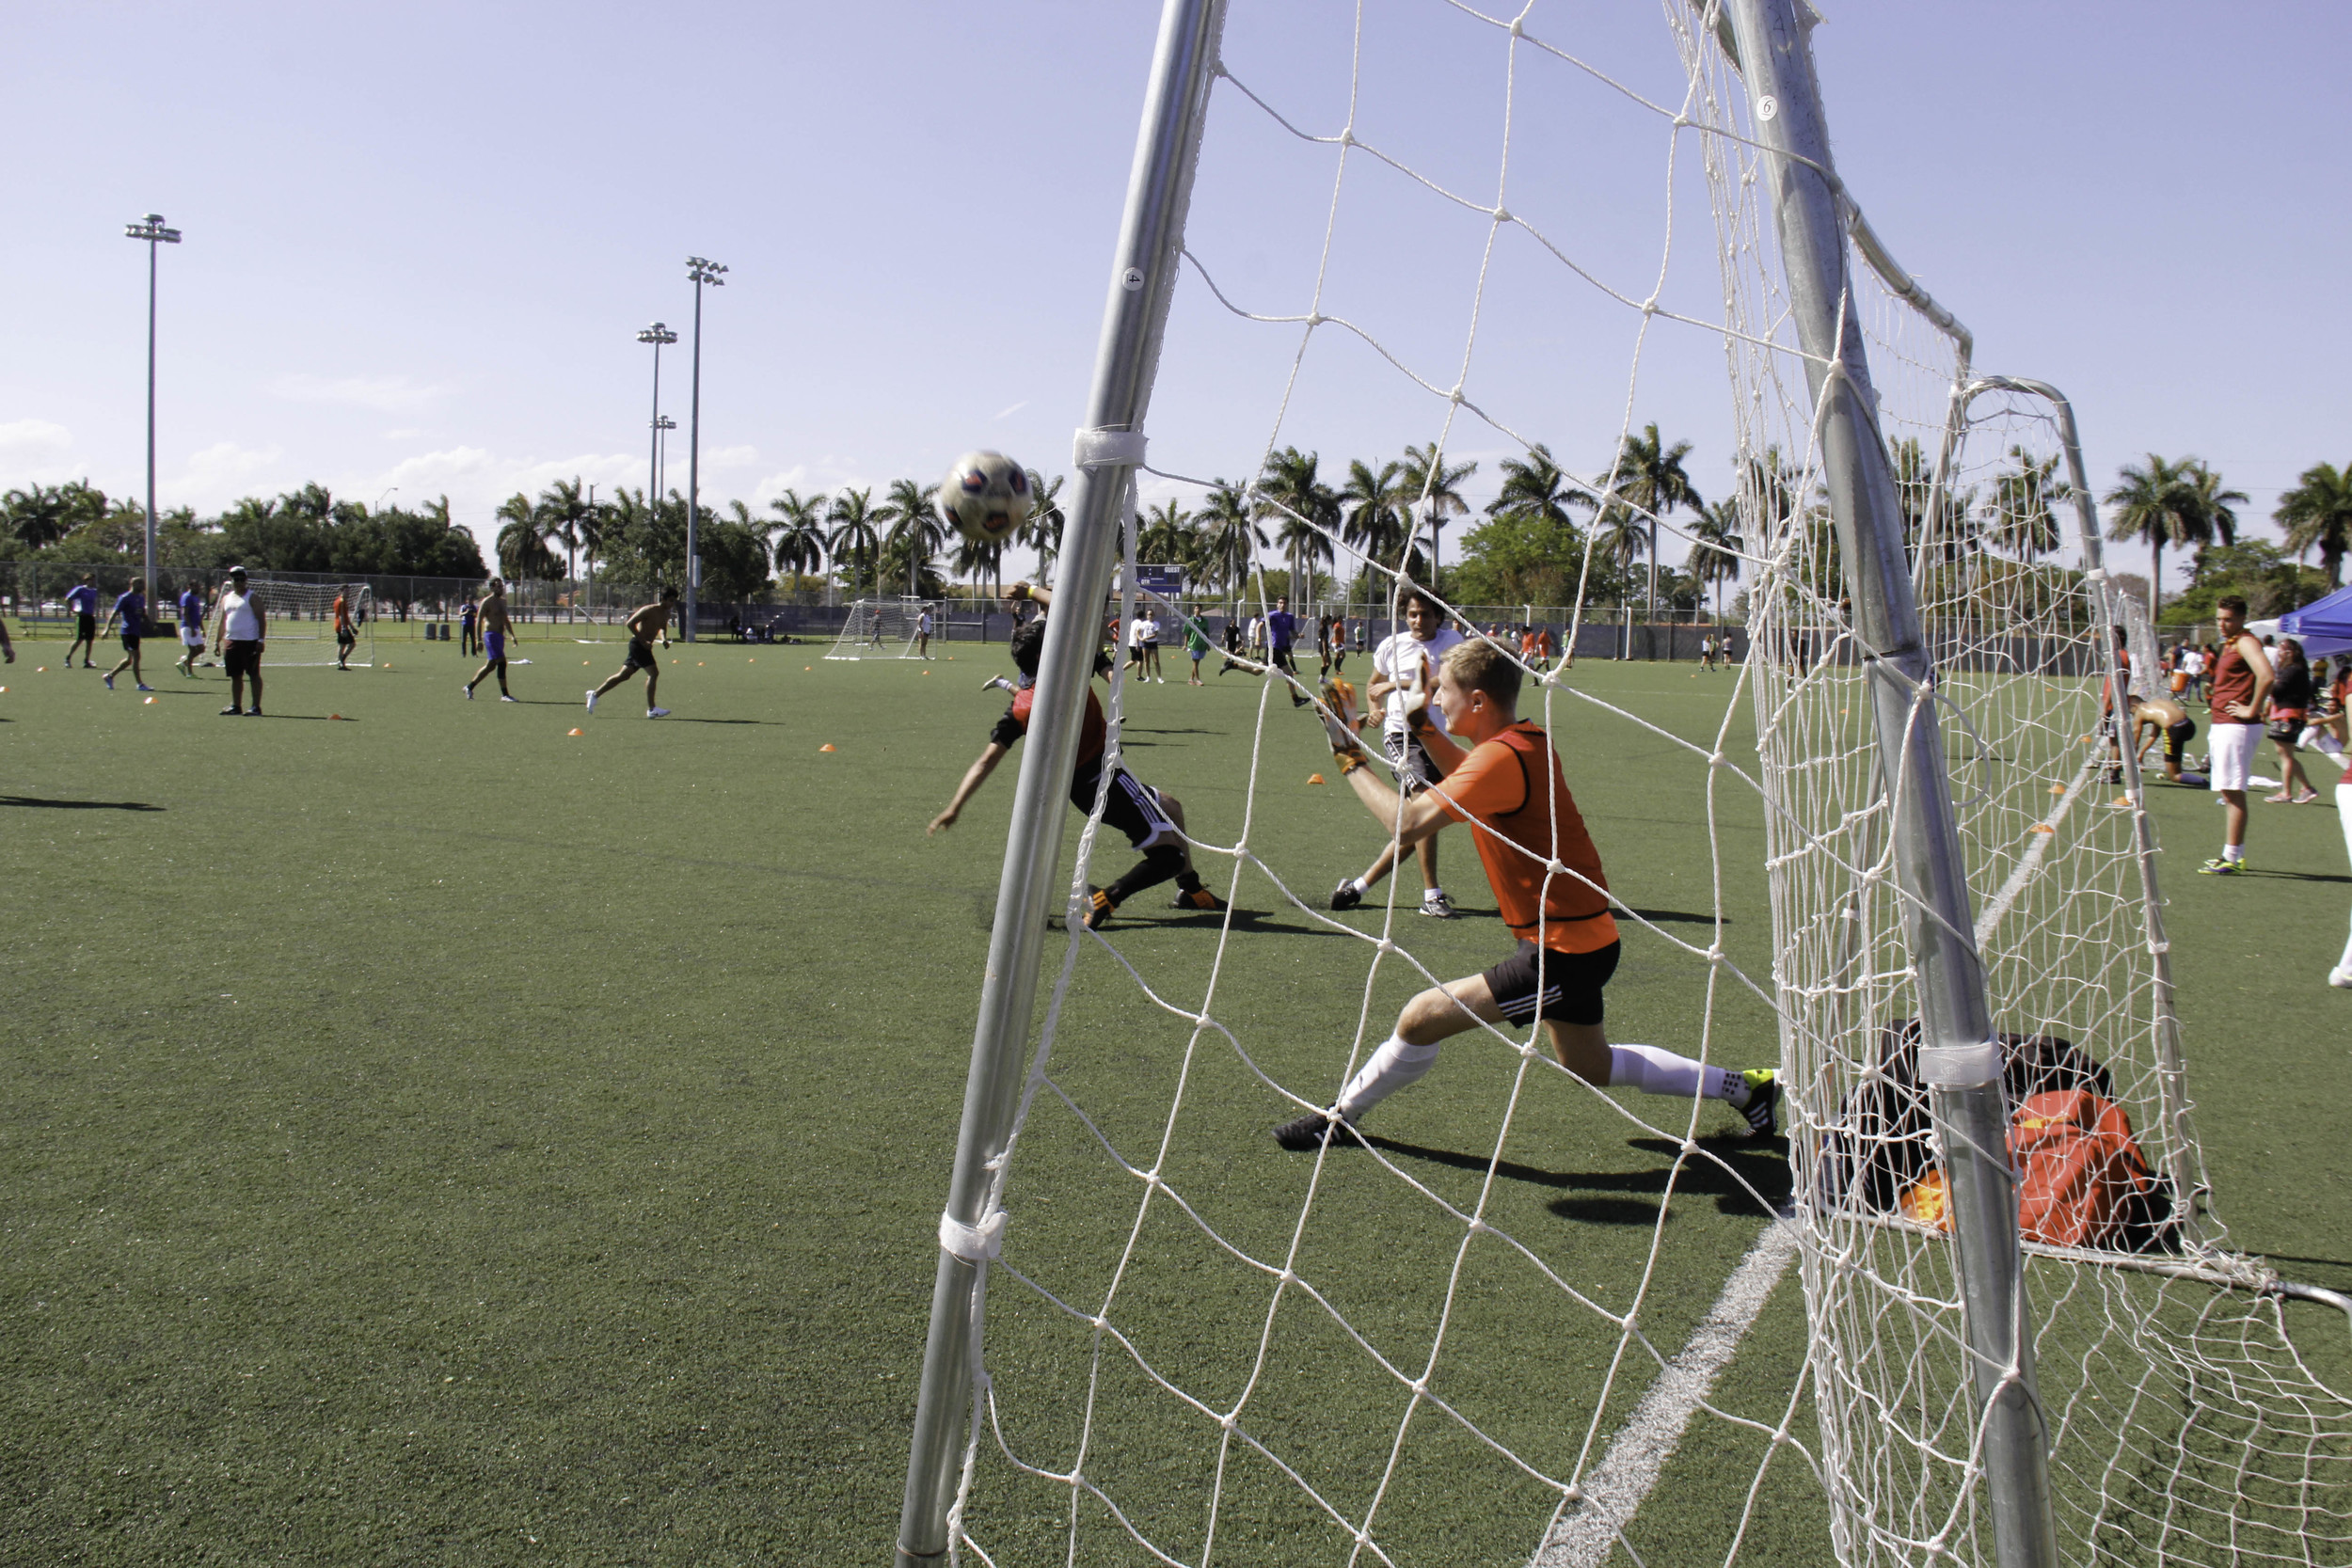 soccer4autisim (171 of 354).jpg